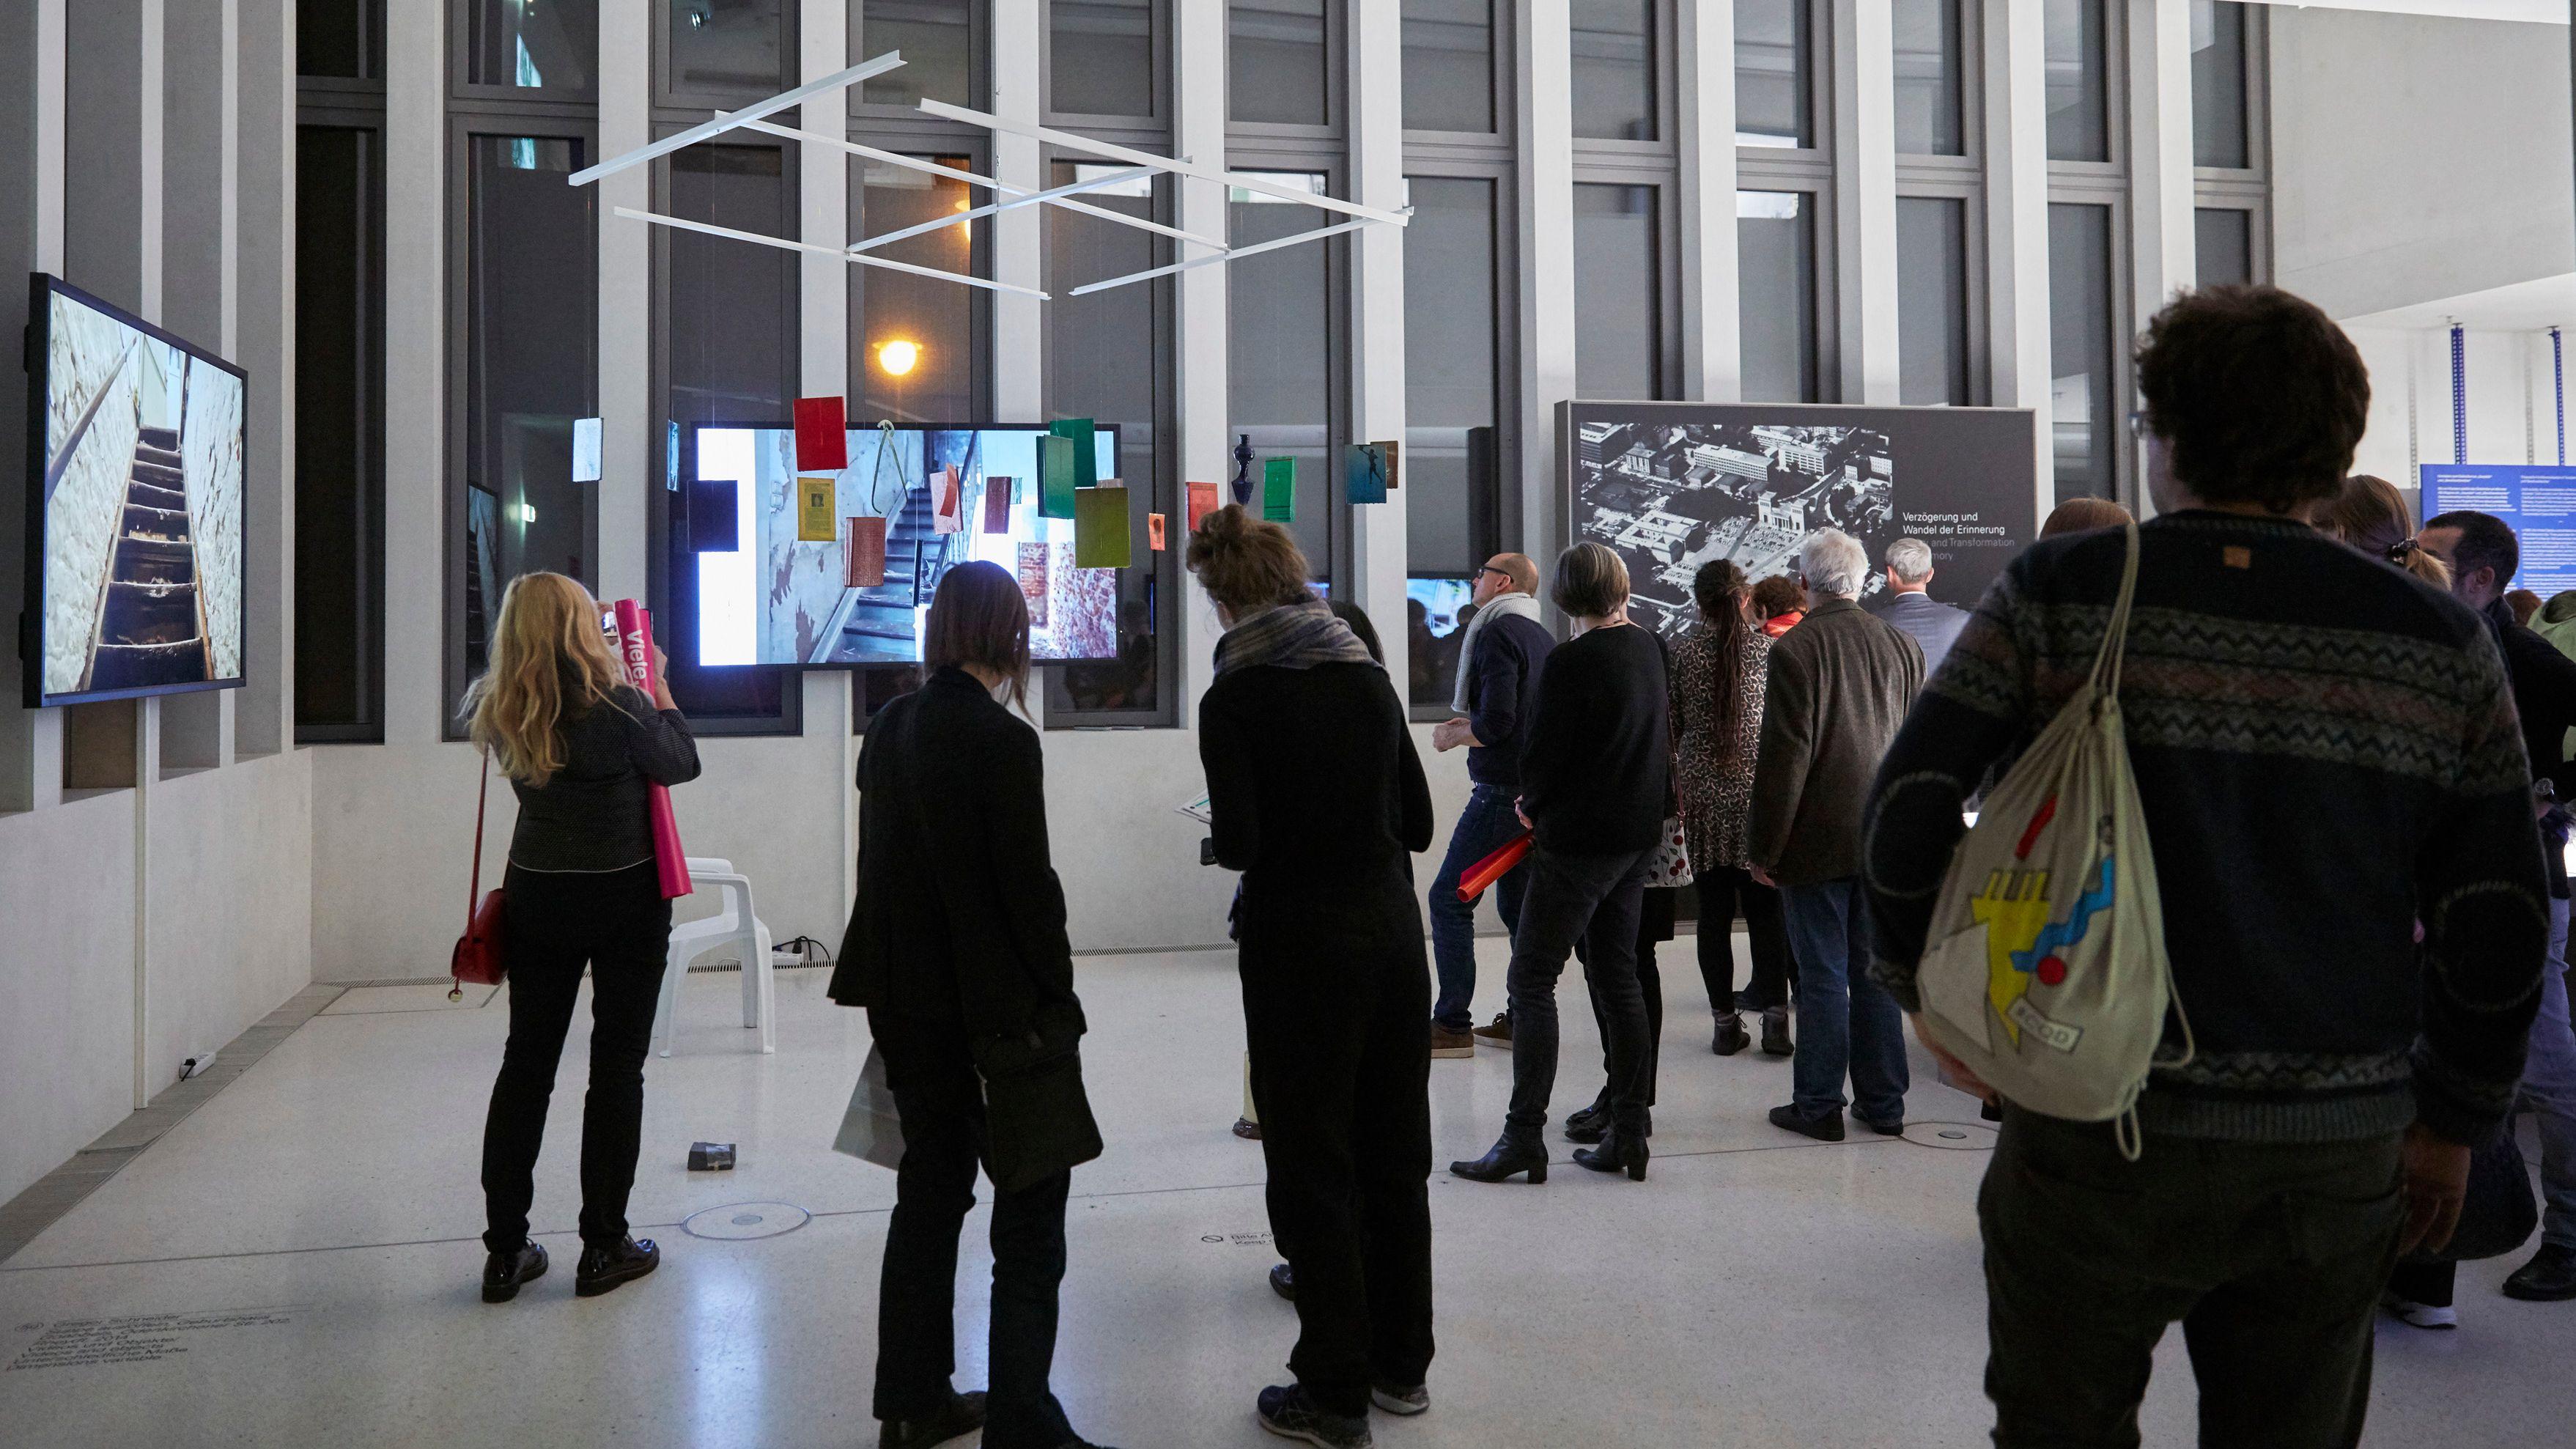 NS Dokuzentrum München, Ausstellung